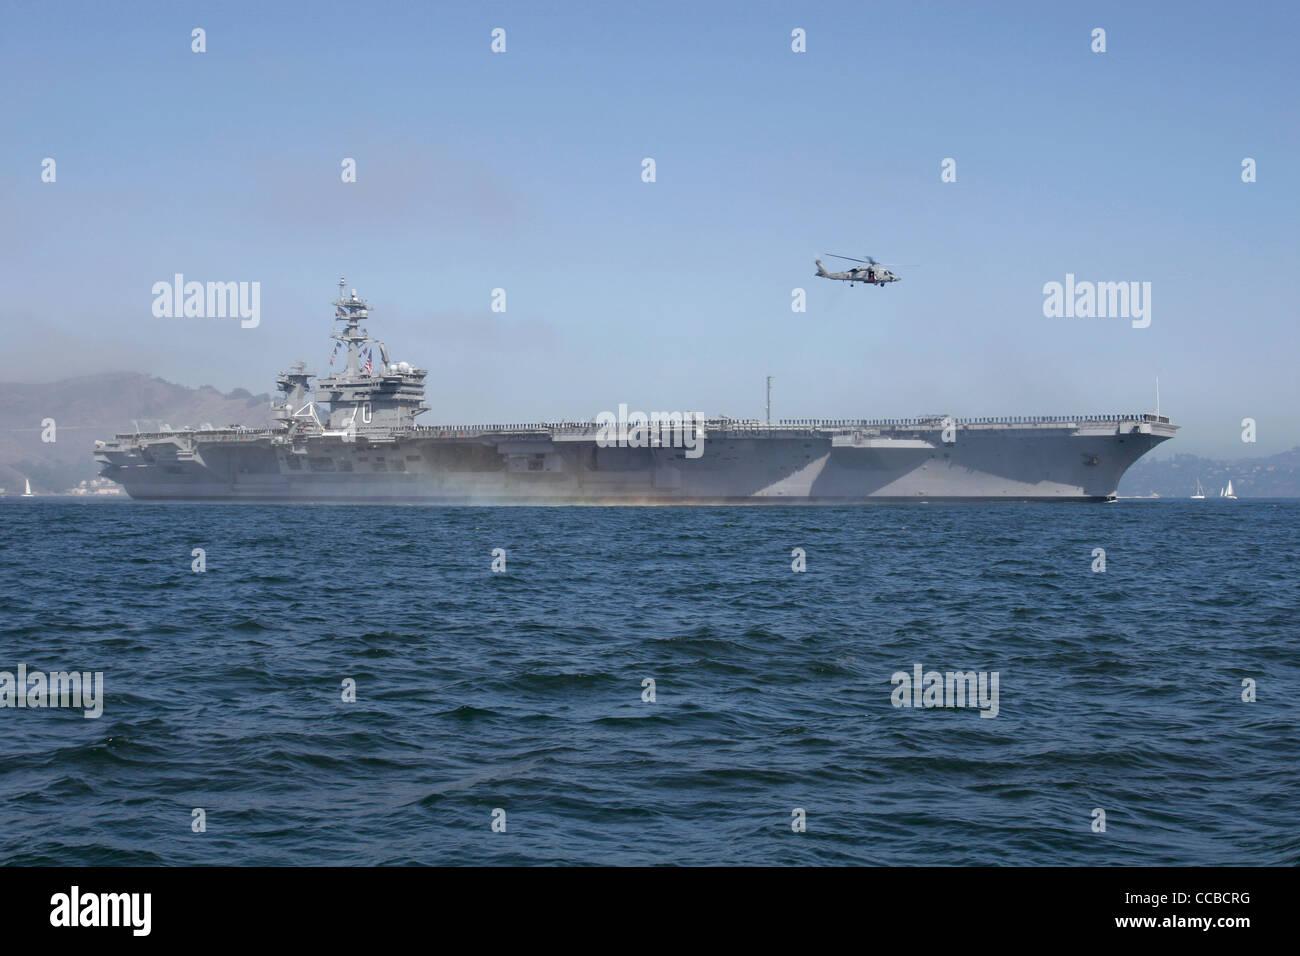 Nimitz class aircraft carrier USS Carl Vinson (CVN 70) enters San Francisco Bay. Stock Photo